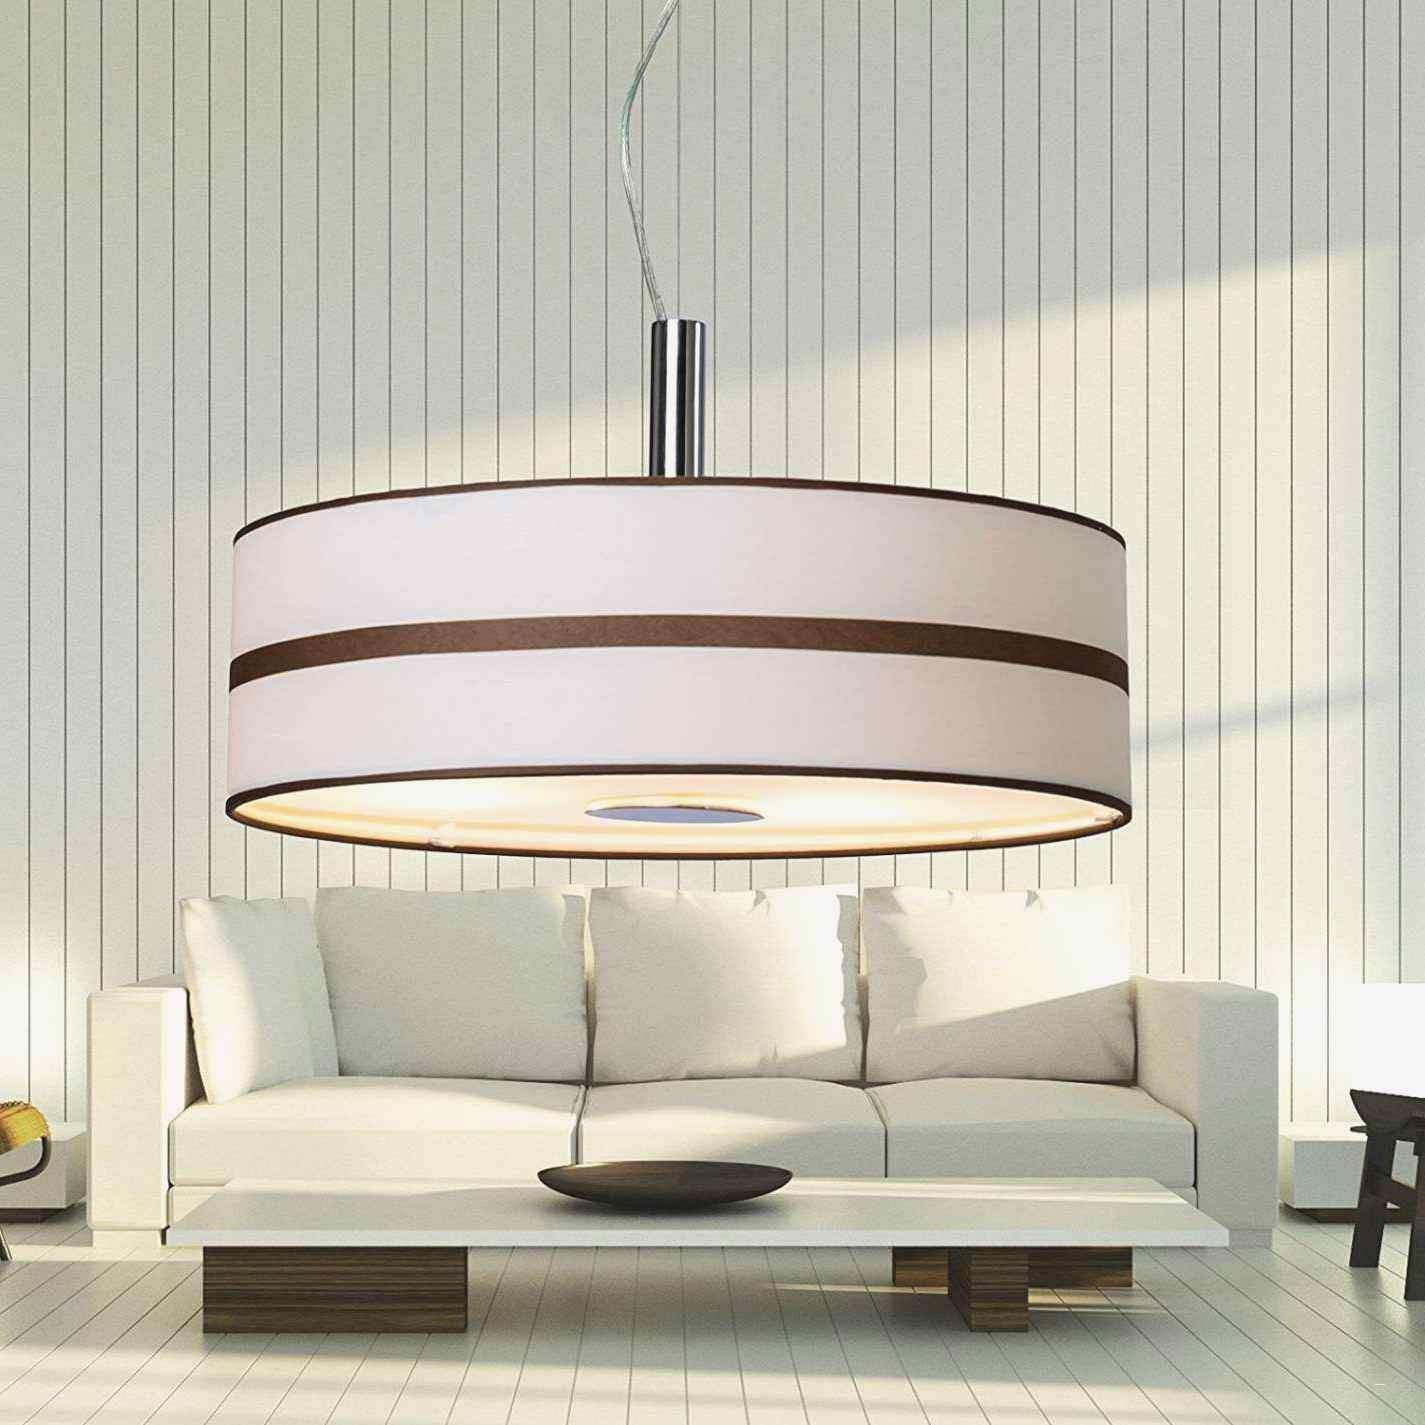 Full Size of Deckenlampen Schlafzimmer Deckenlampe Gold Modern Amazon Dimmbar Design Obi Led Deckenleuchte Fr Das Beste Von 35 Elegant Komplett Günstig Landhaus Komplette Wohnzimmer Deckenlampen Schlafzimmer